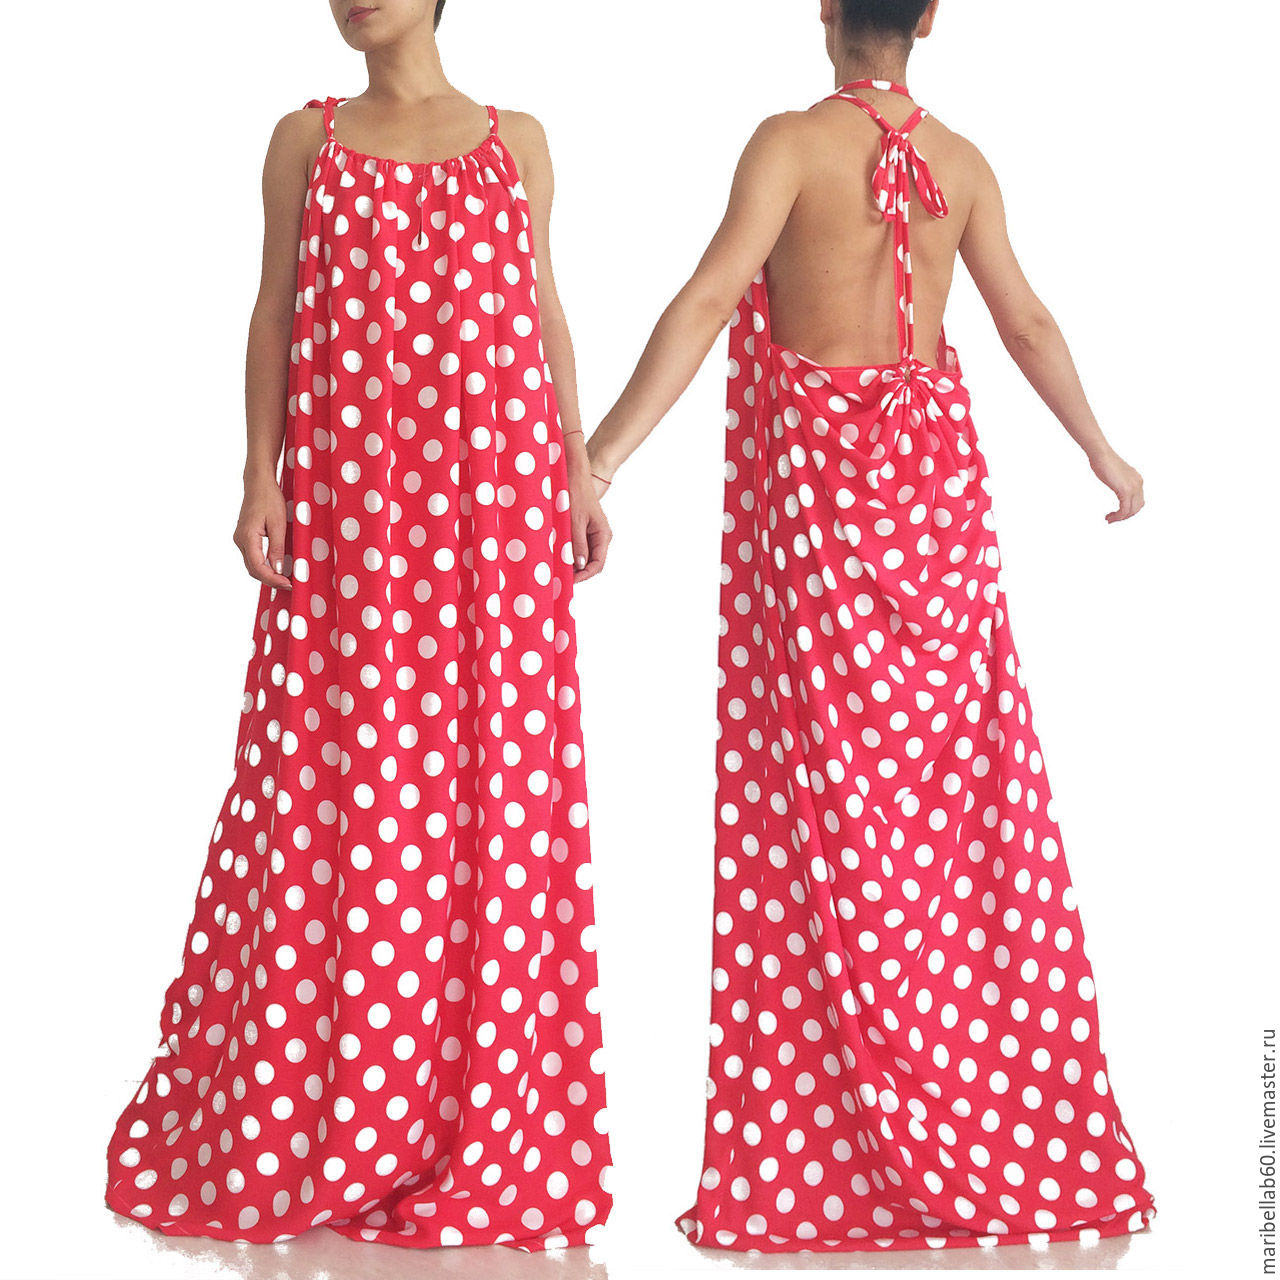 Детские платья на выпускной в детском саду: первый